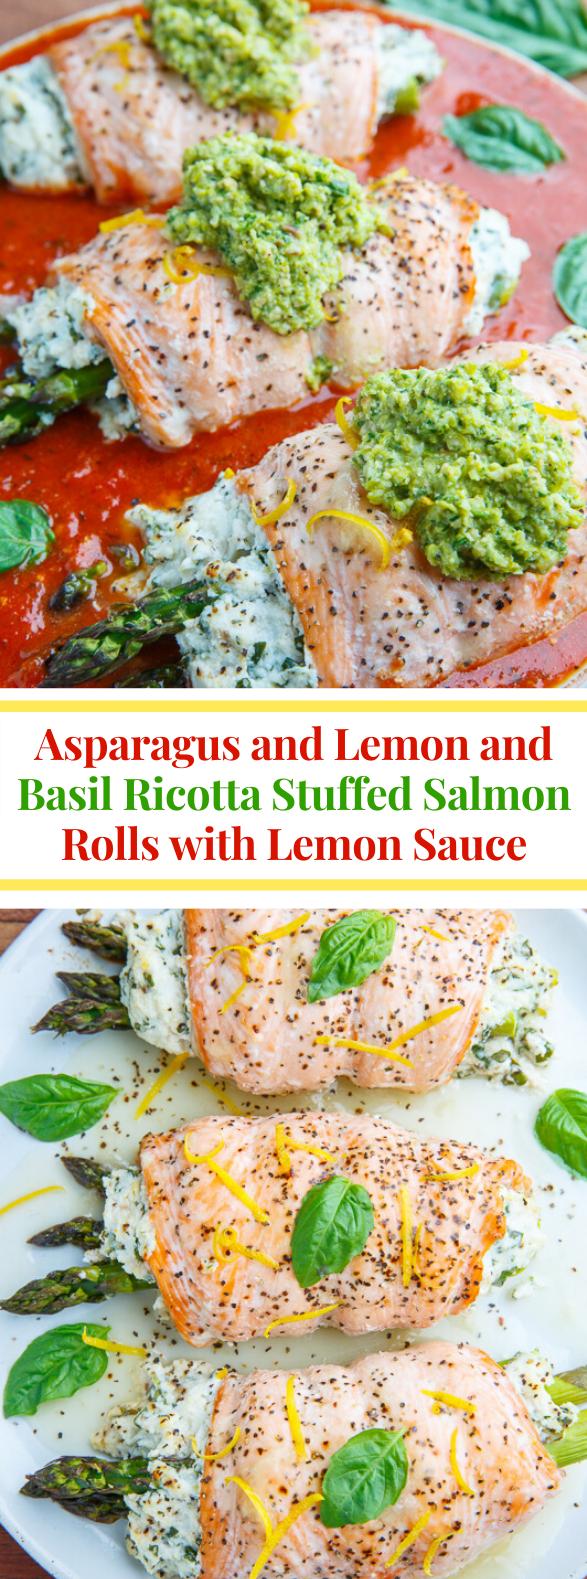 Asparagus and Lemon and Basil Ricotta Stuffed Salmon Rolls with Lemon Sauce #healthy #dinner